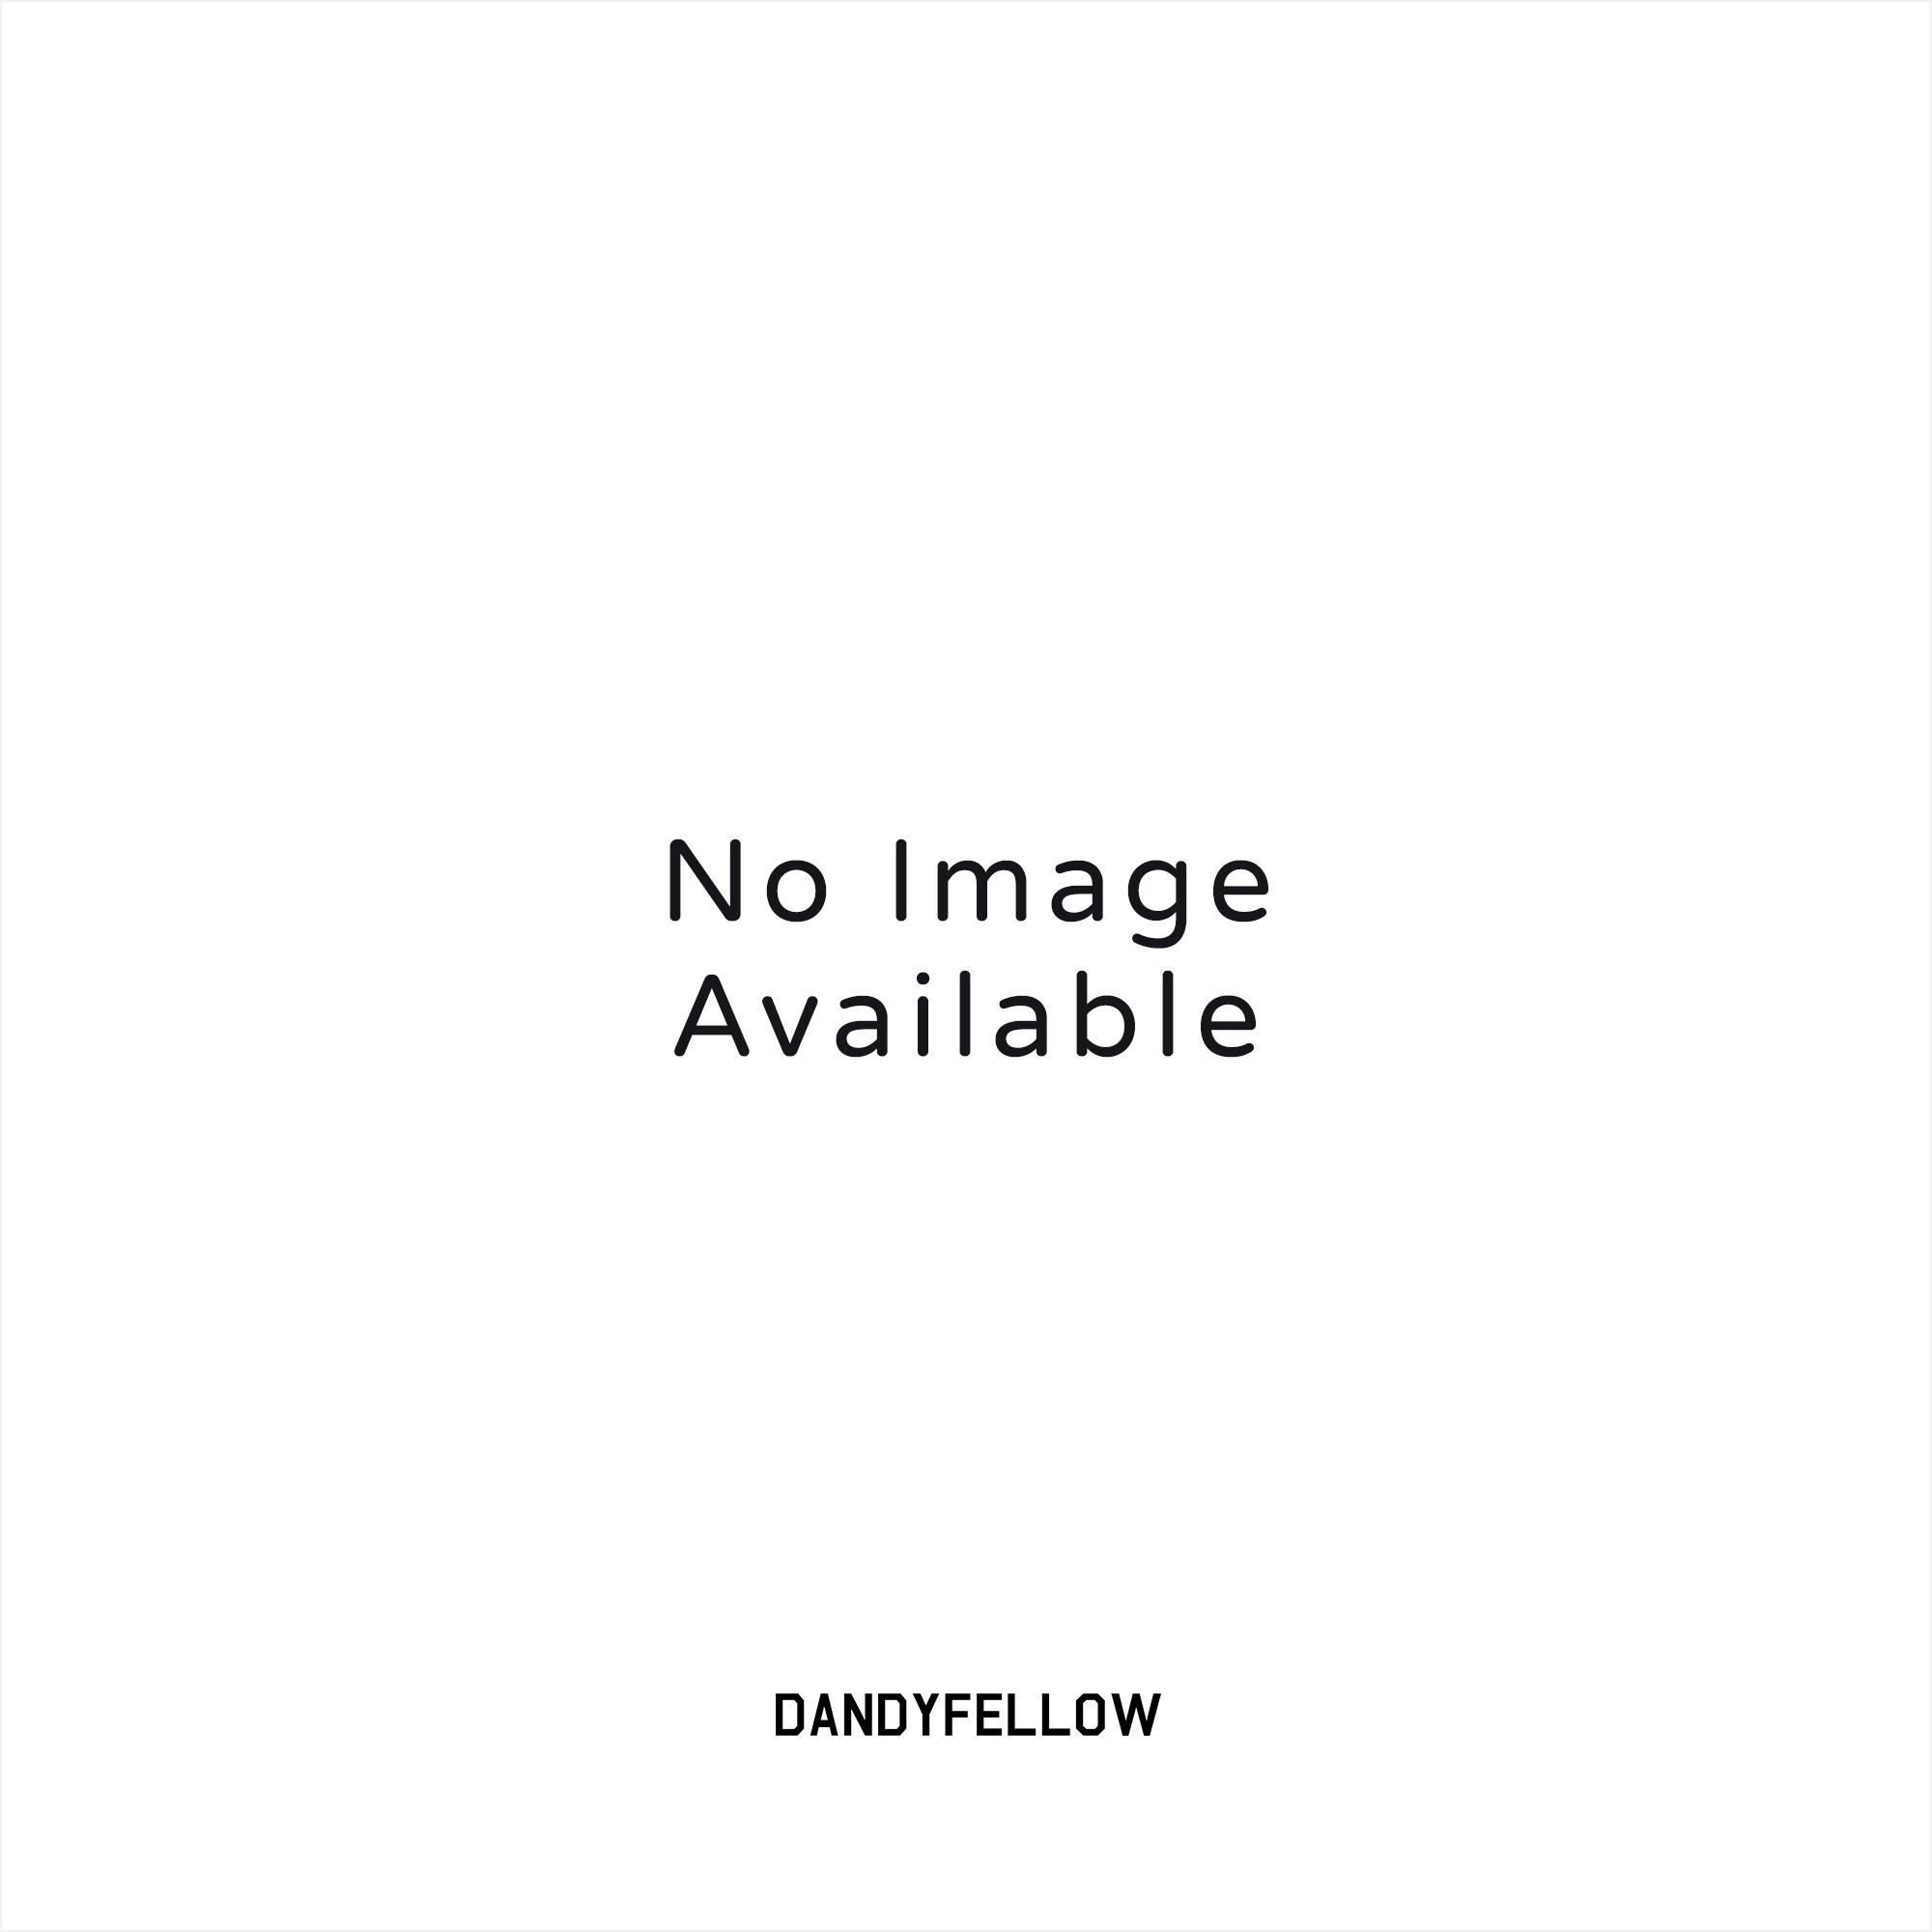 Barbour Moons Tweed Olive Herringbone Flat Cap MHA0295OL55